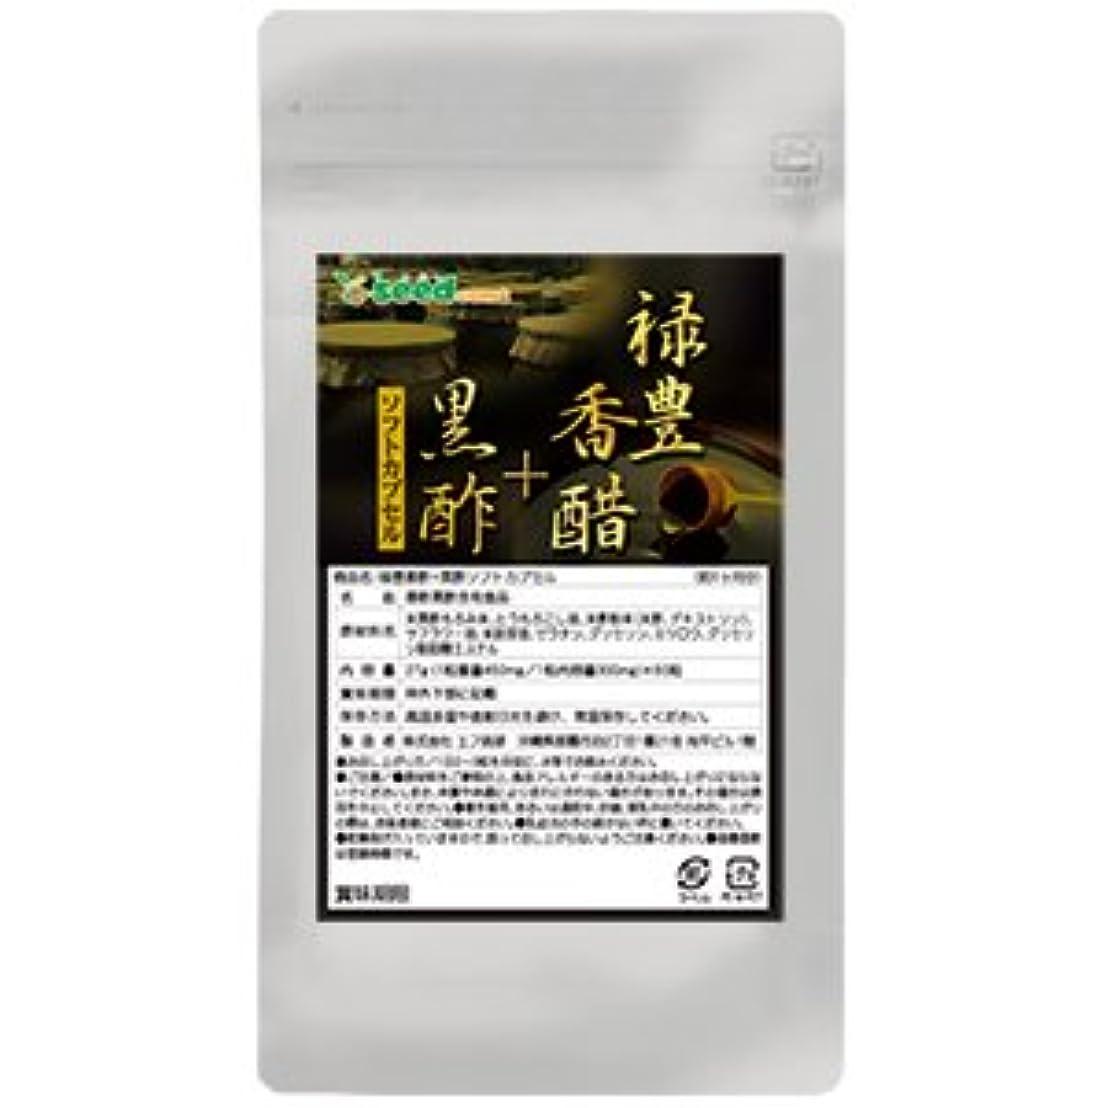 証言するペストリーハーネス禄豊 香酢 + 黒酢 ソフトカプセル (約3ヶ月分/180粒)